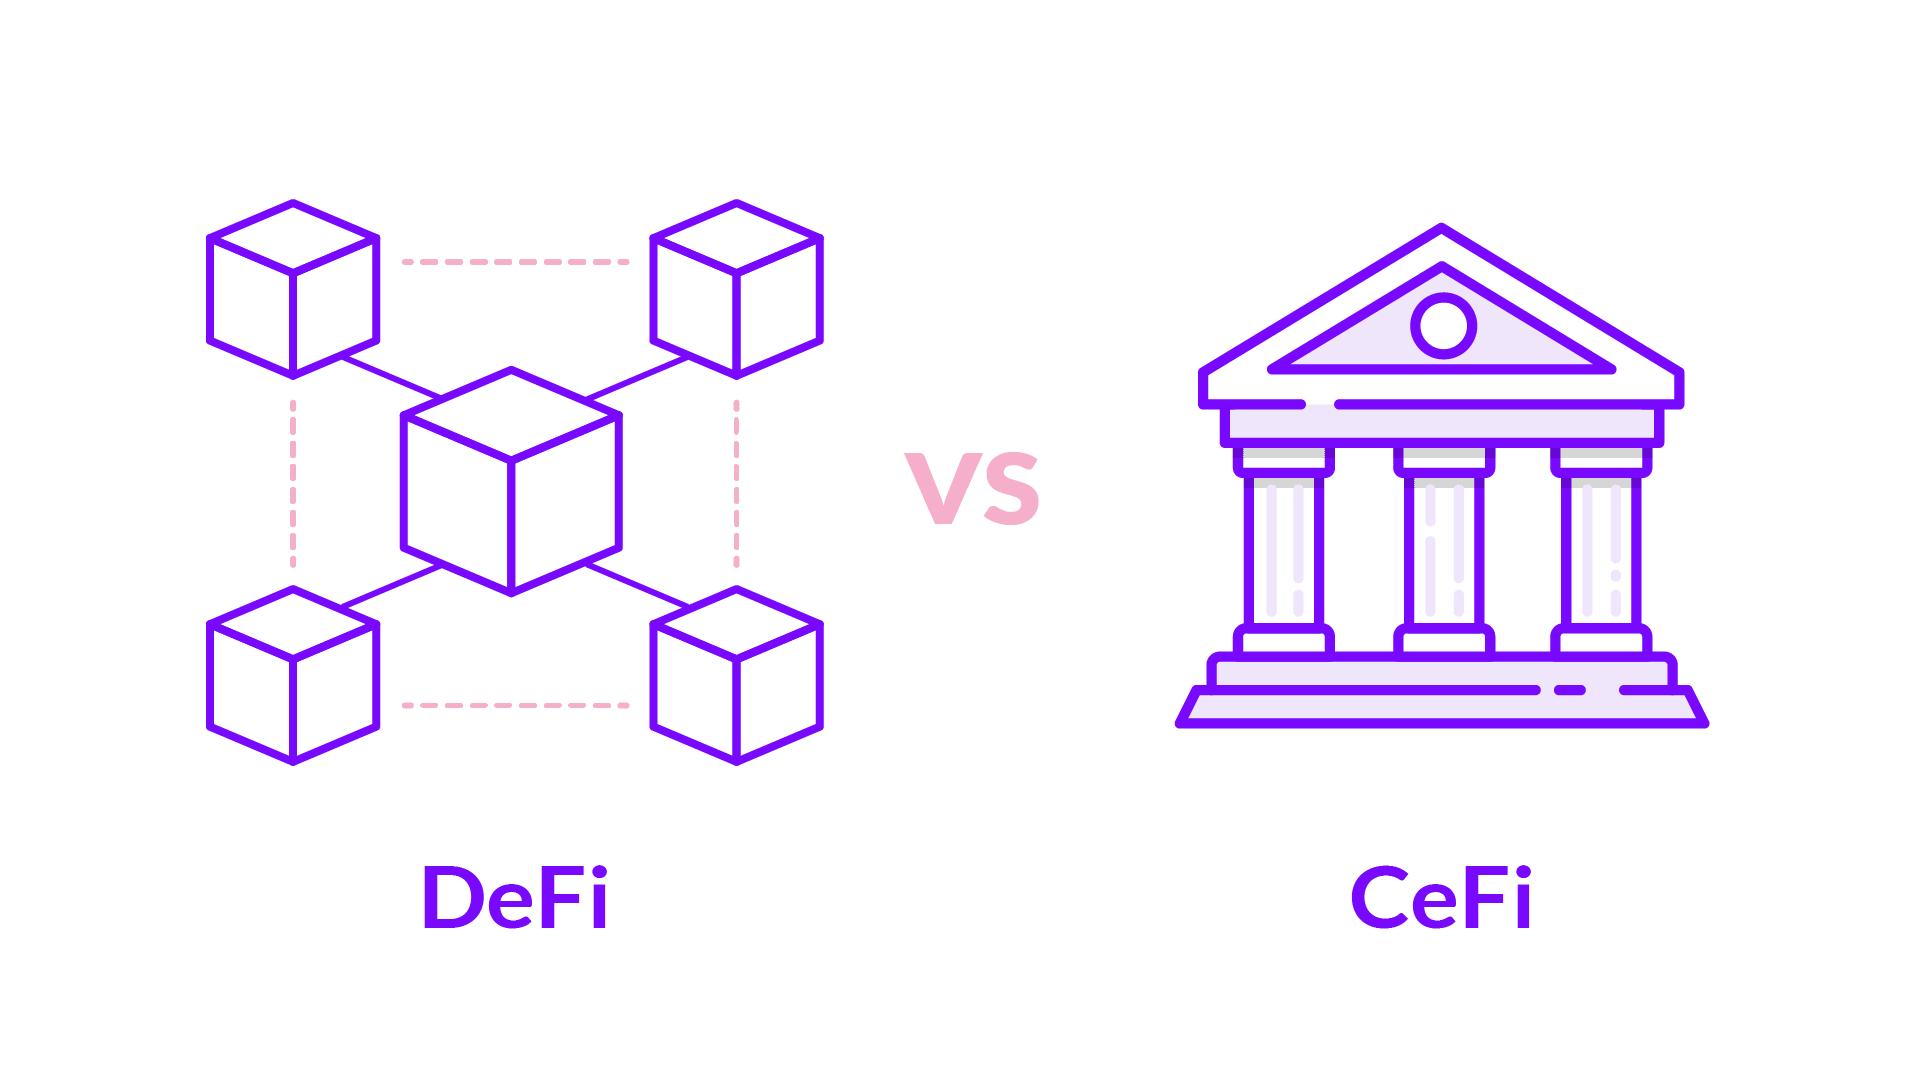 DeFi vs CeFi principais diferenças